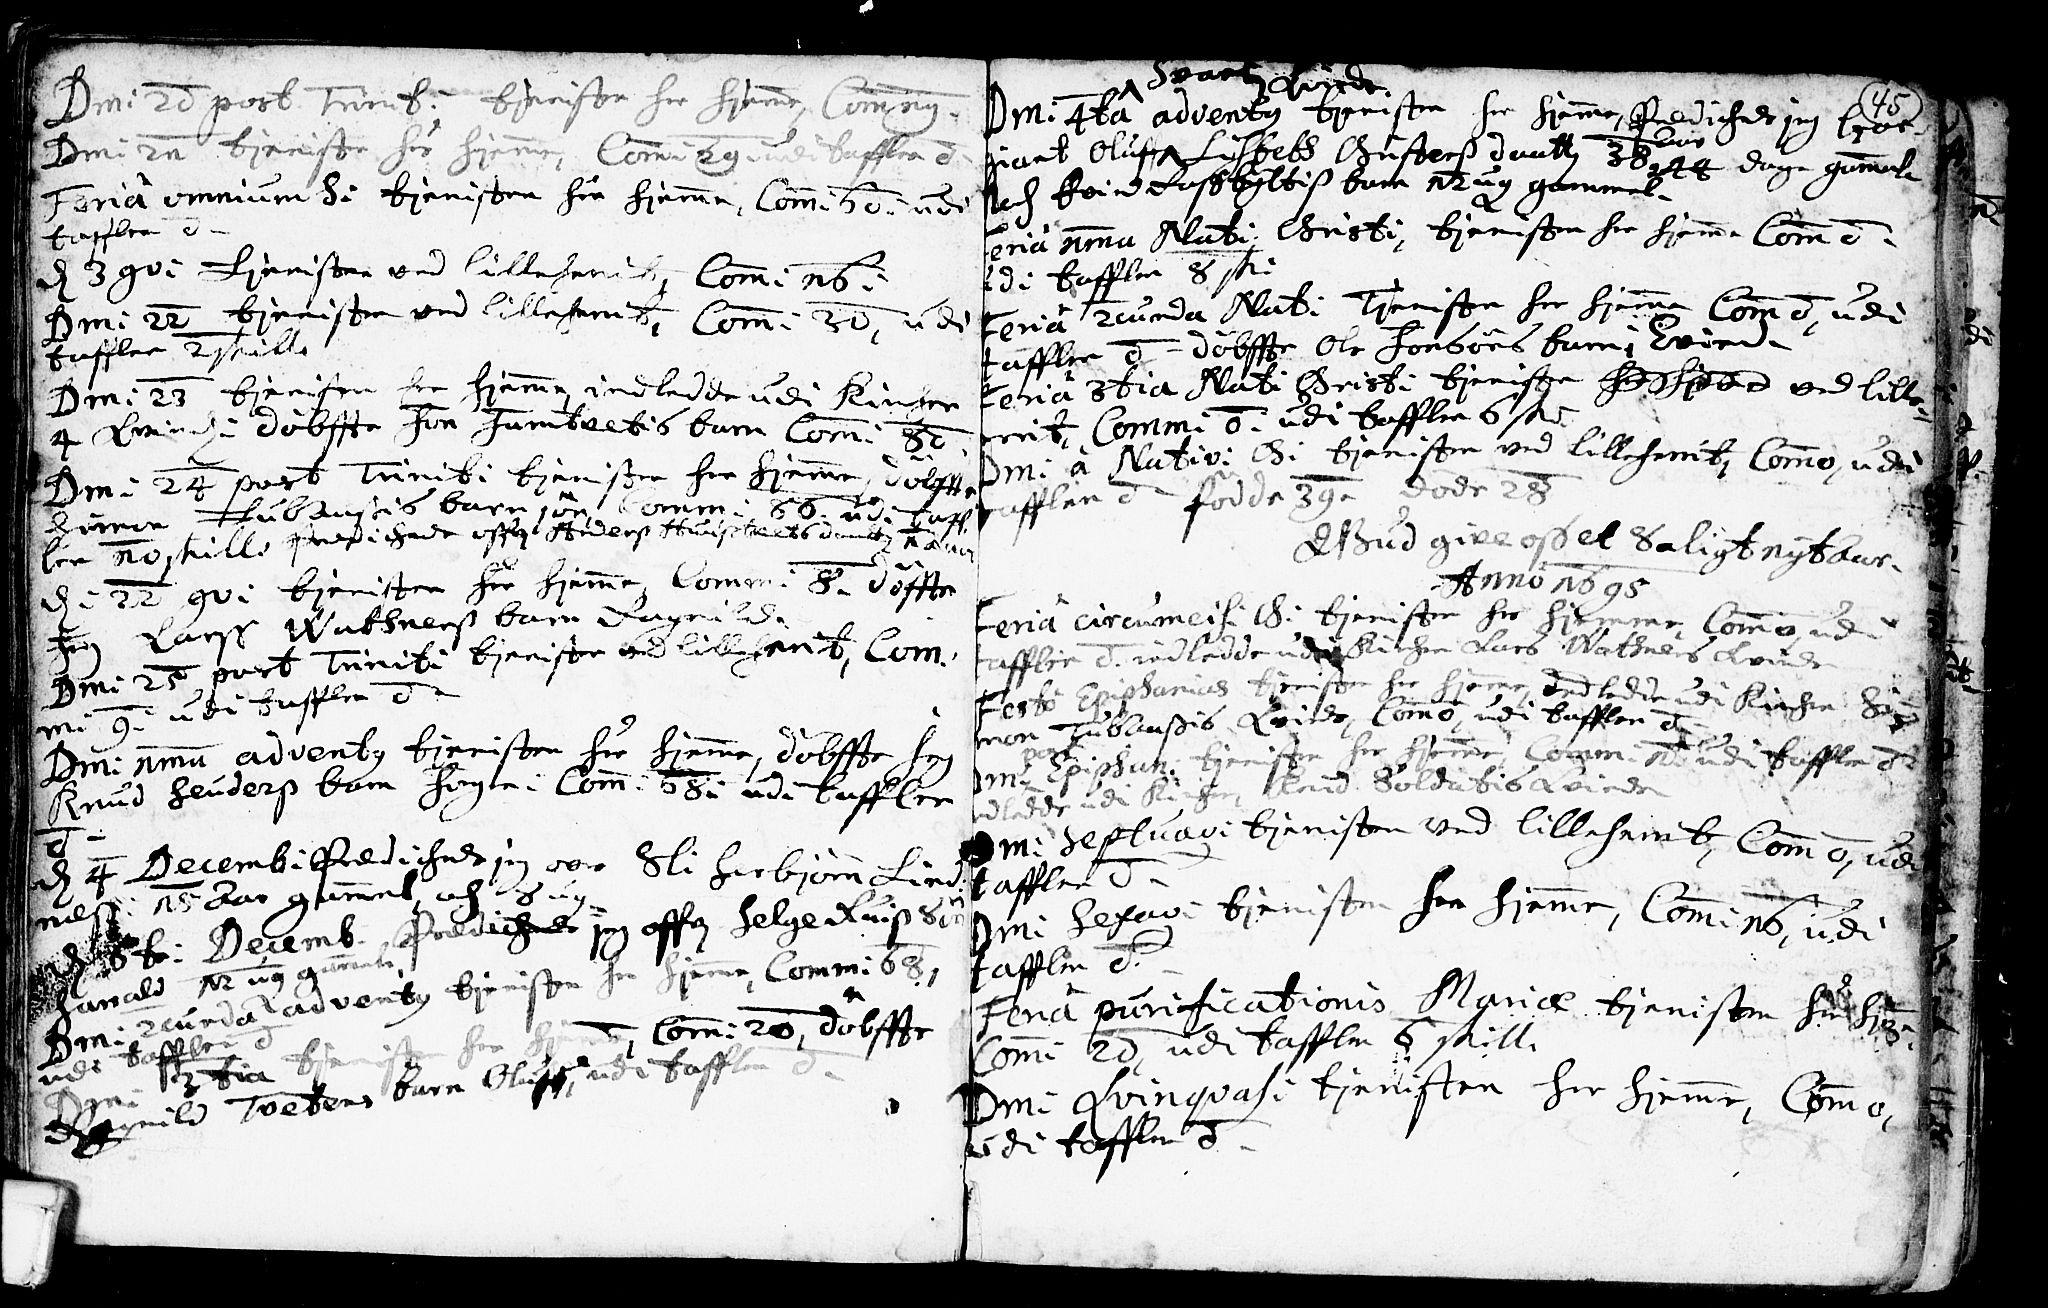 SAKO, Heddal kirkebøker, F/Fa/L0001: Ministerialbok nr. I 1, 1648-1699, s. 45